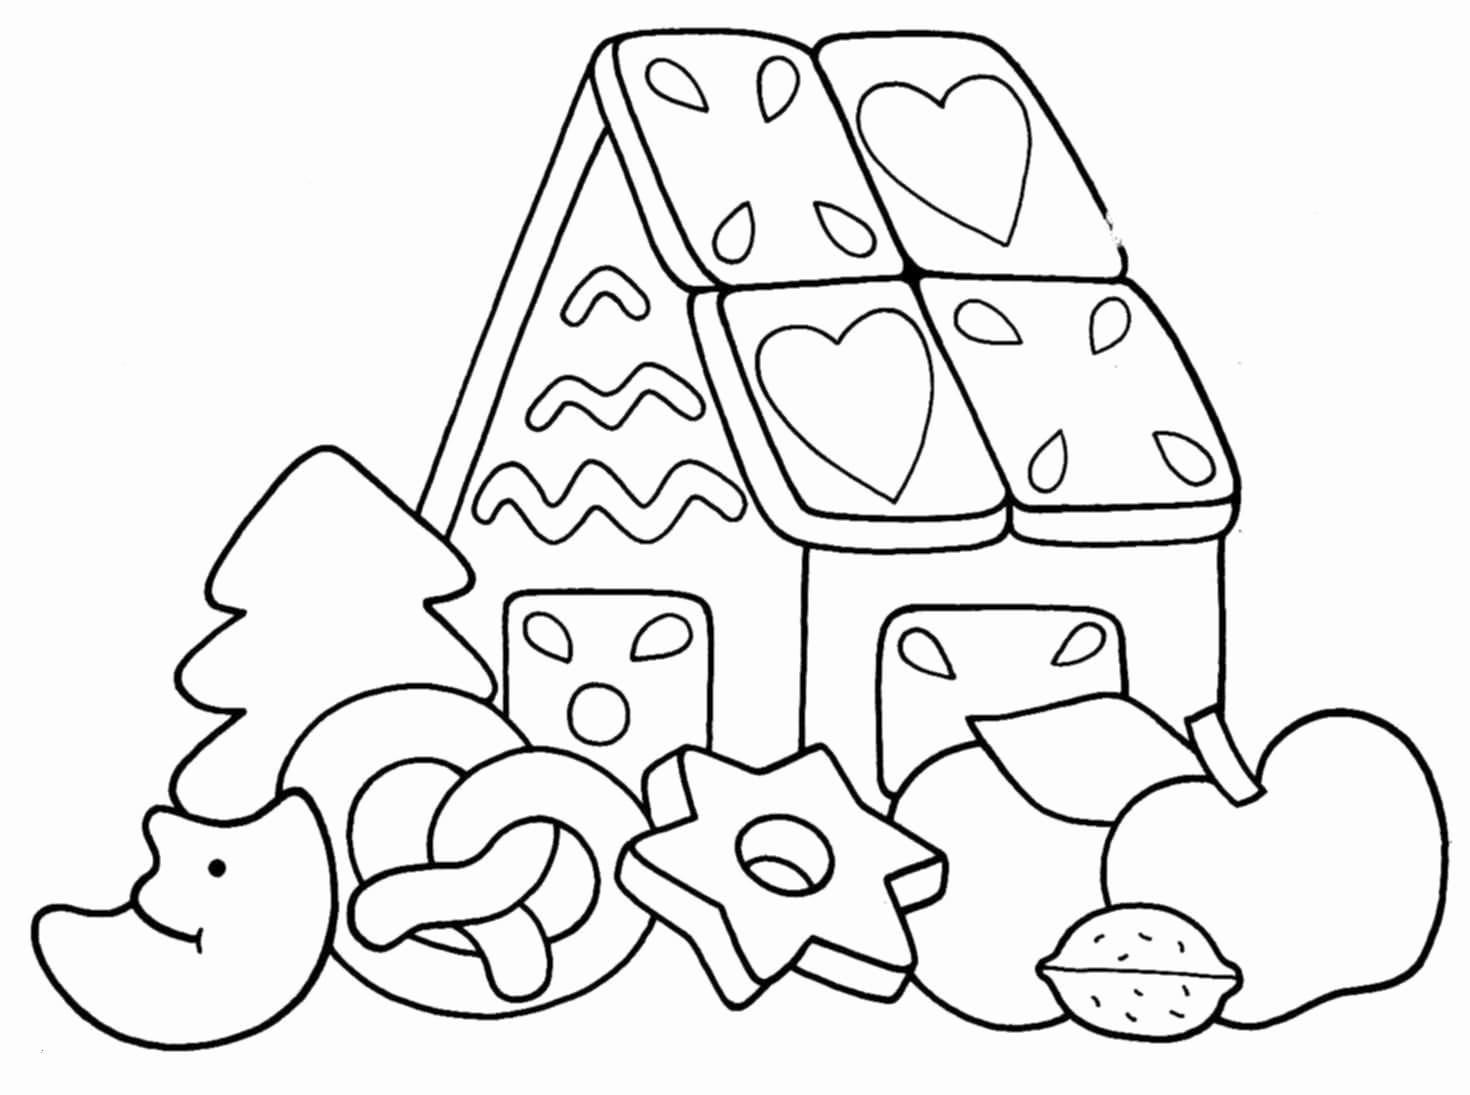 Dibujos para colorear para niños de 5 años. Imprime gratis